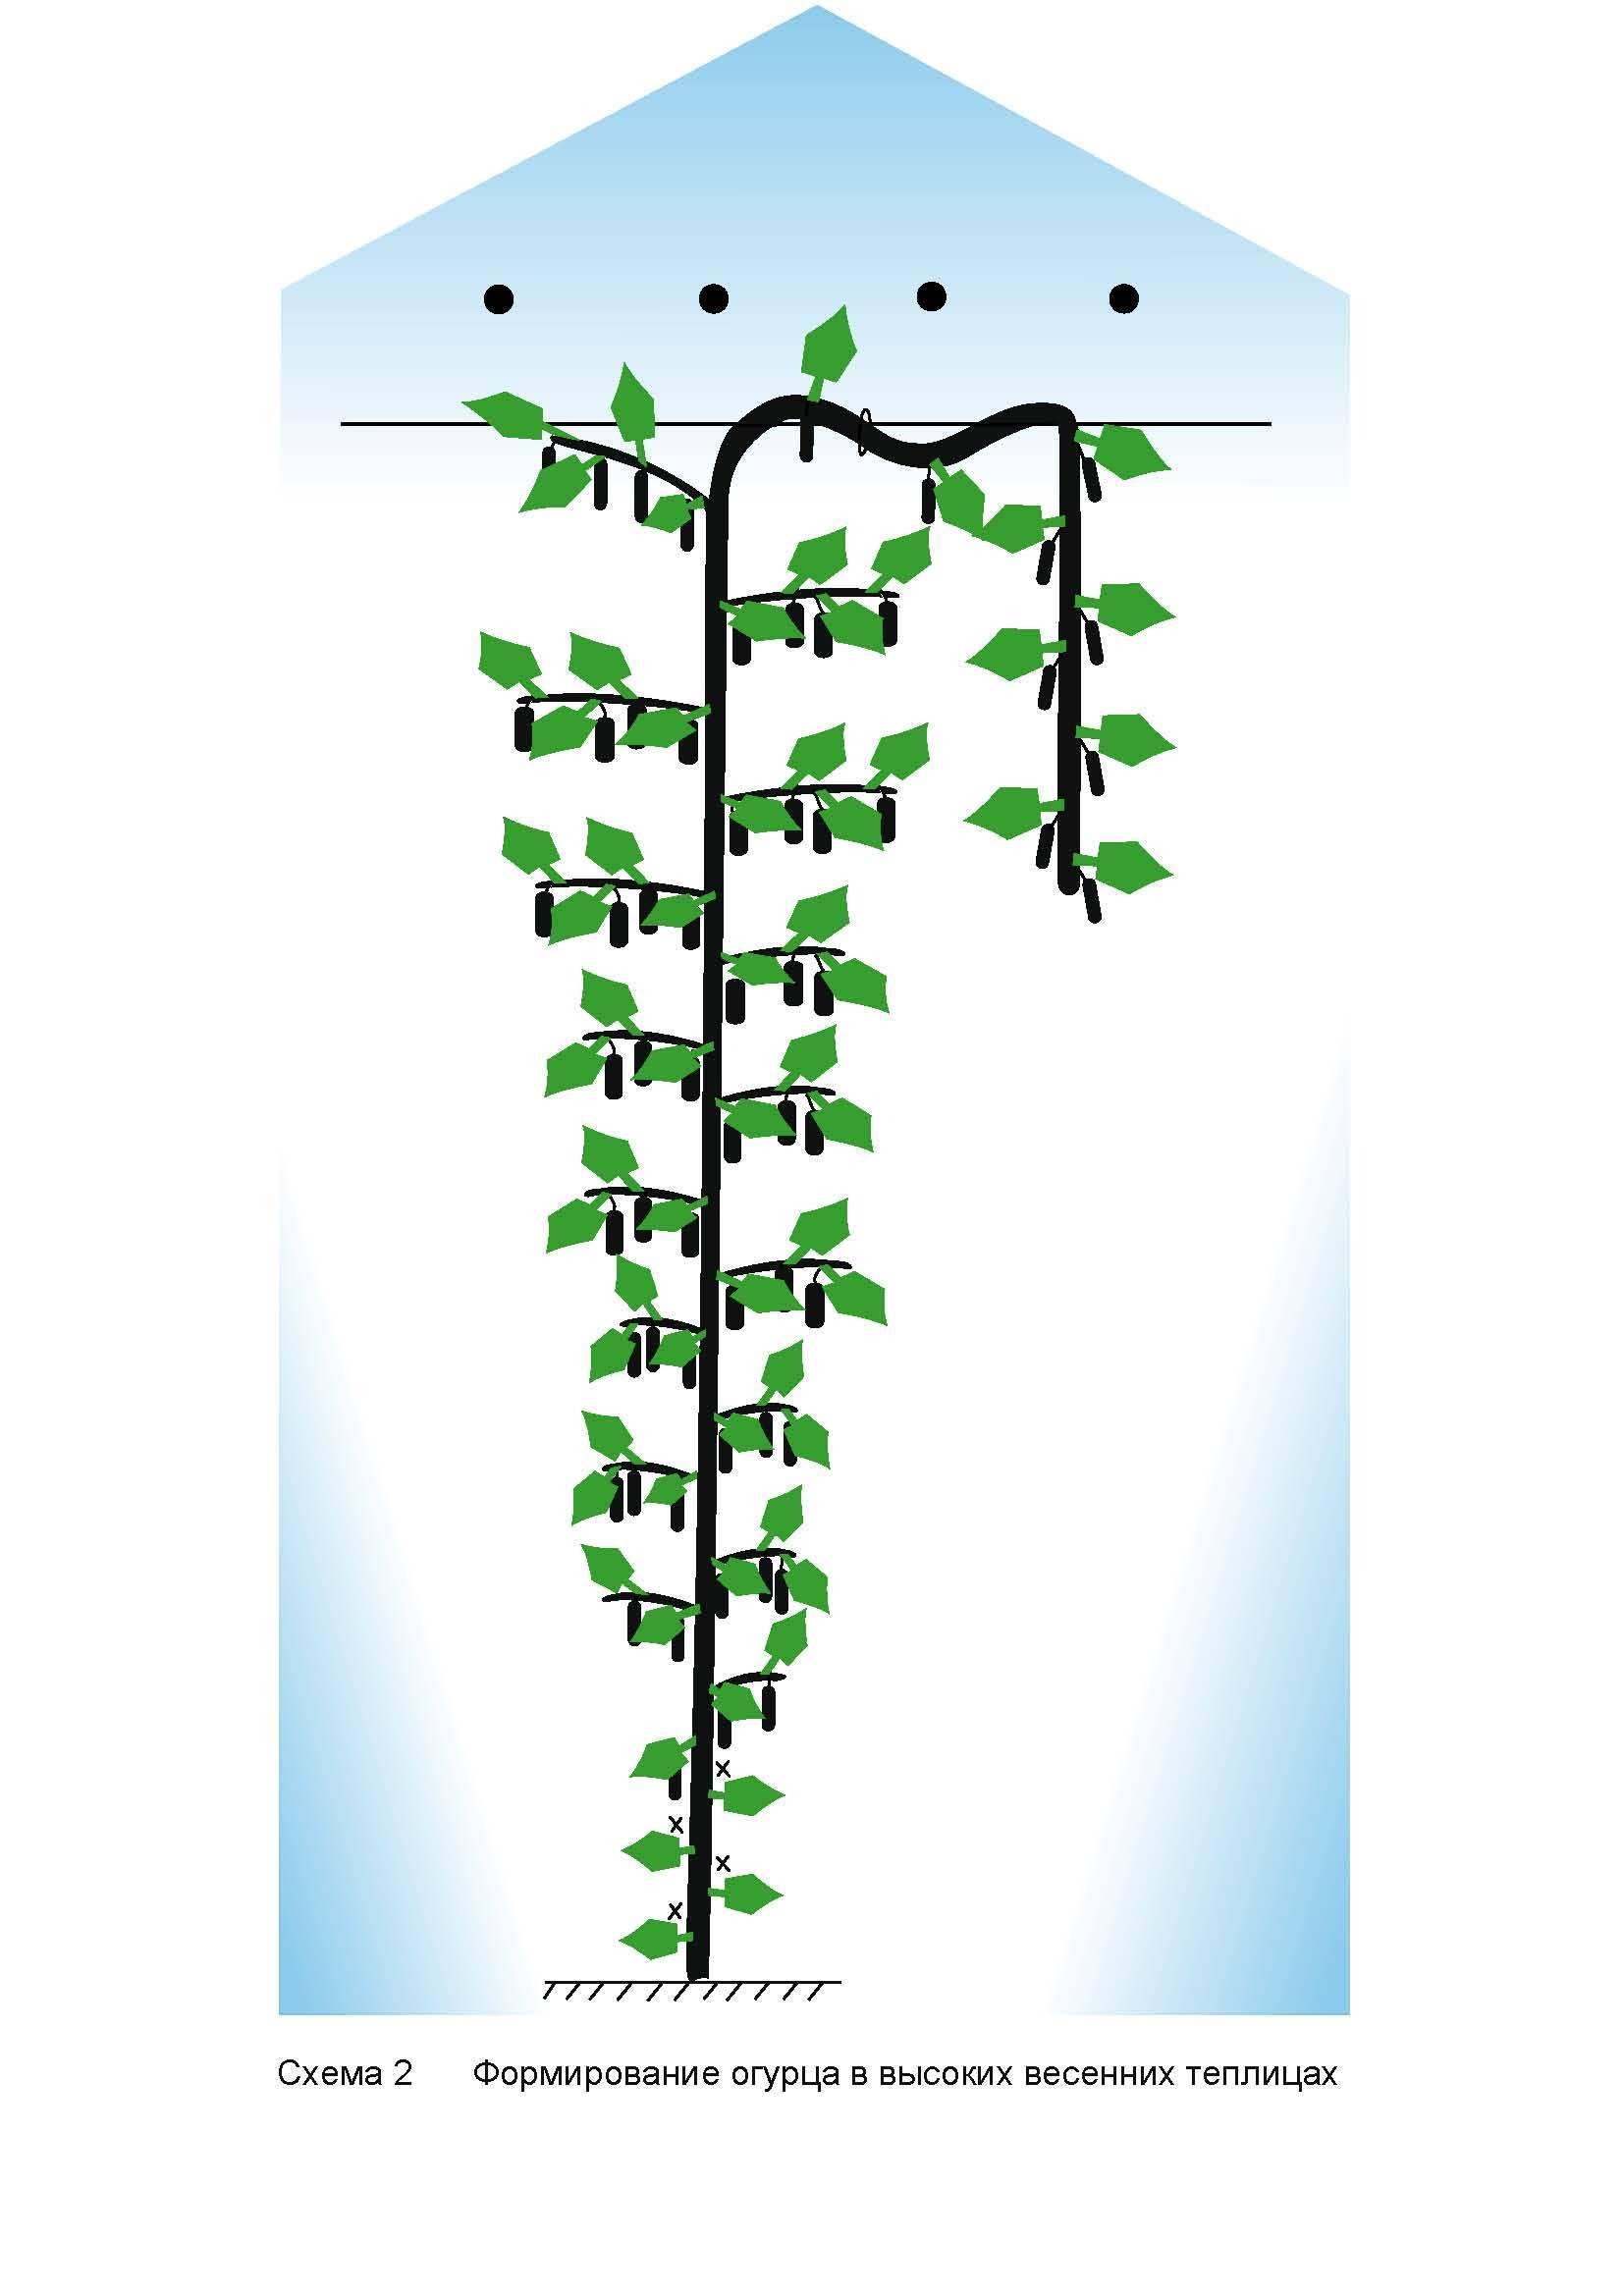 Обрезка огурцов в теплице: схема что был хороший урожай